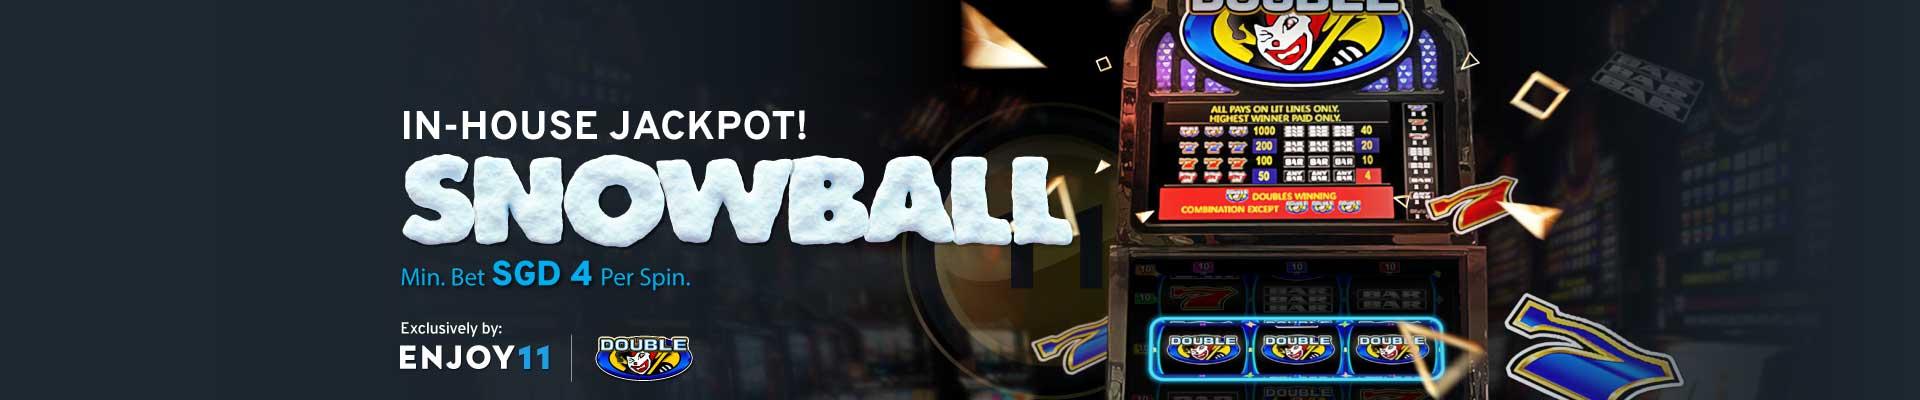 Enjoy11 In-House Jackpot Snowball Desktop Banner